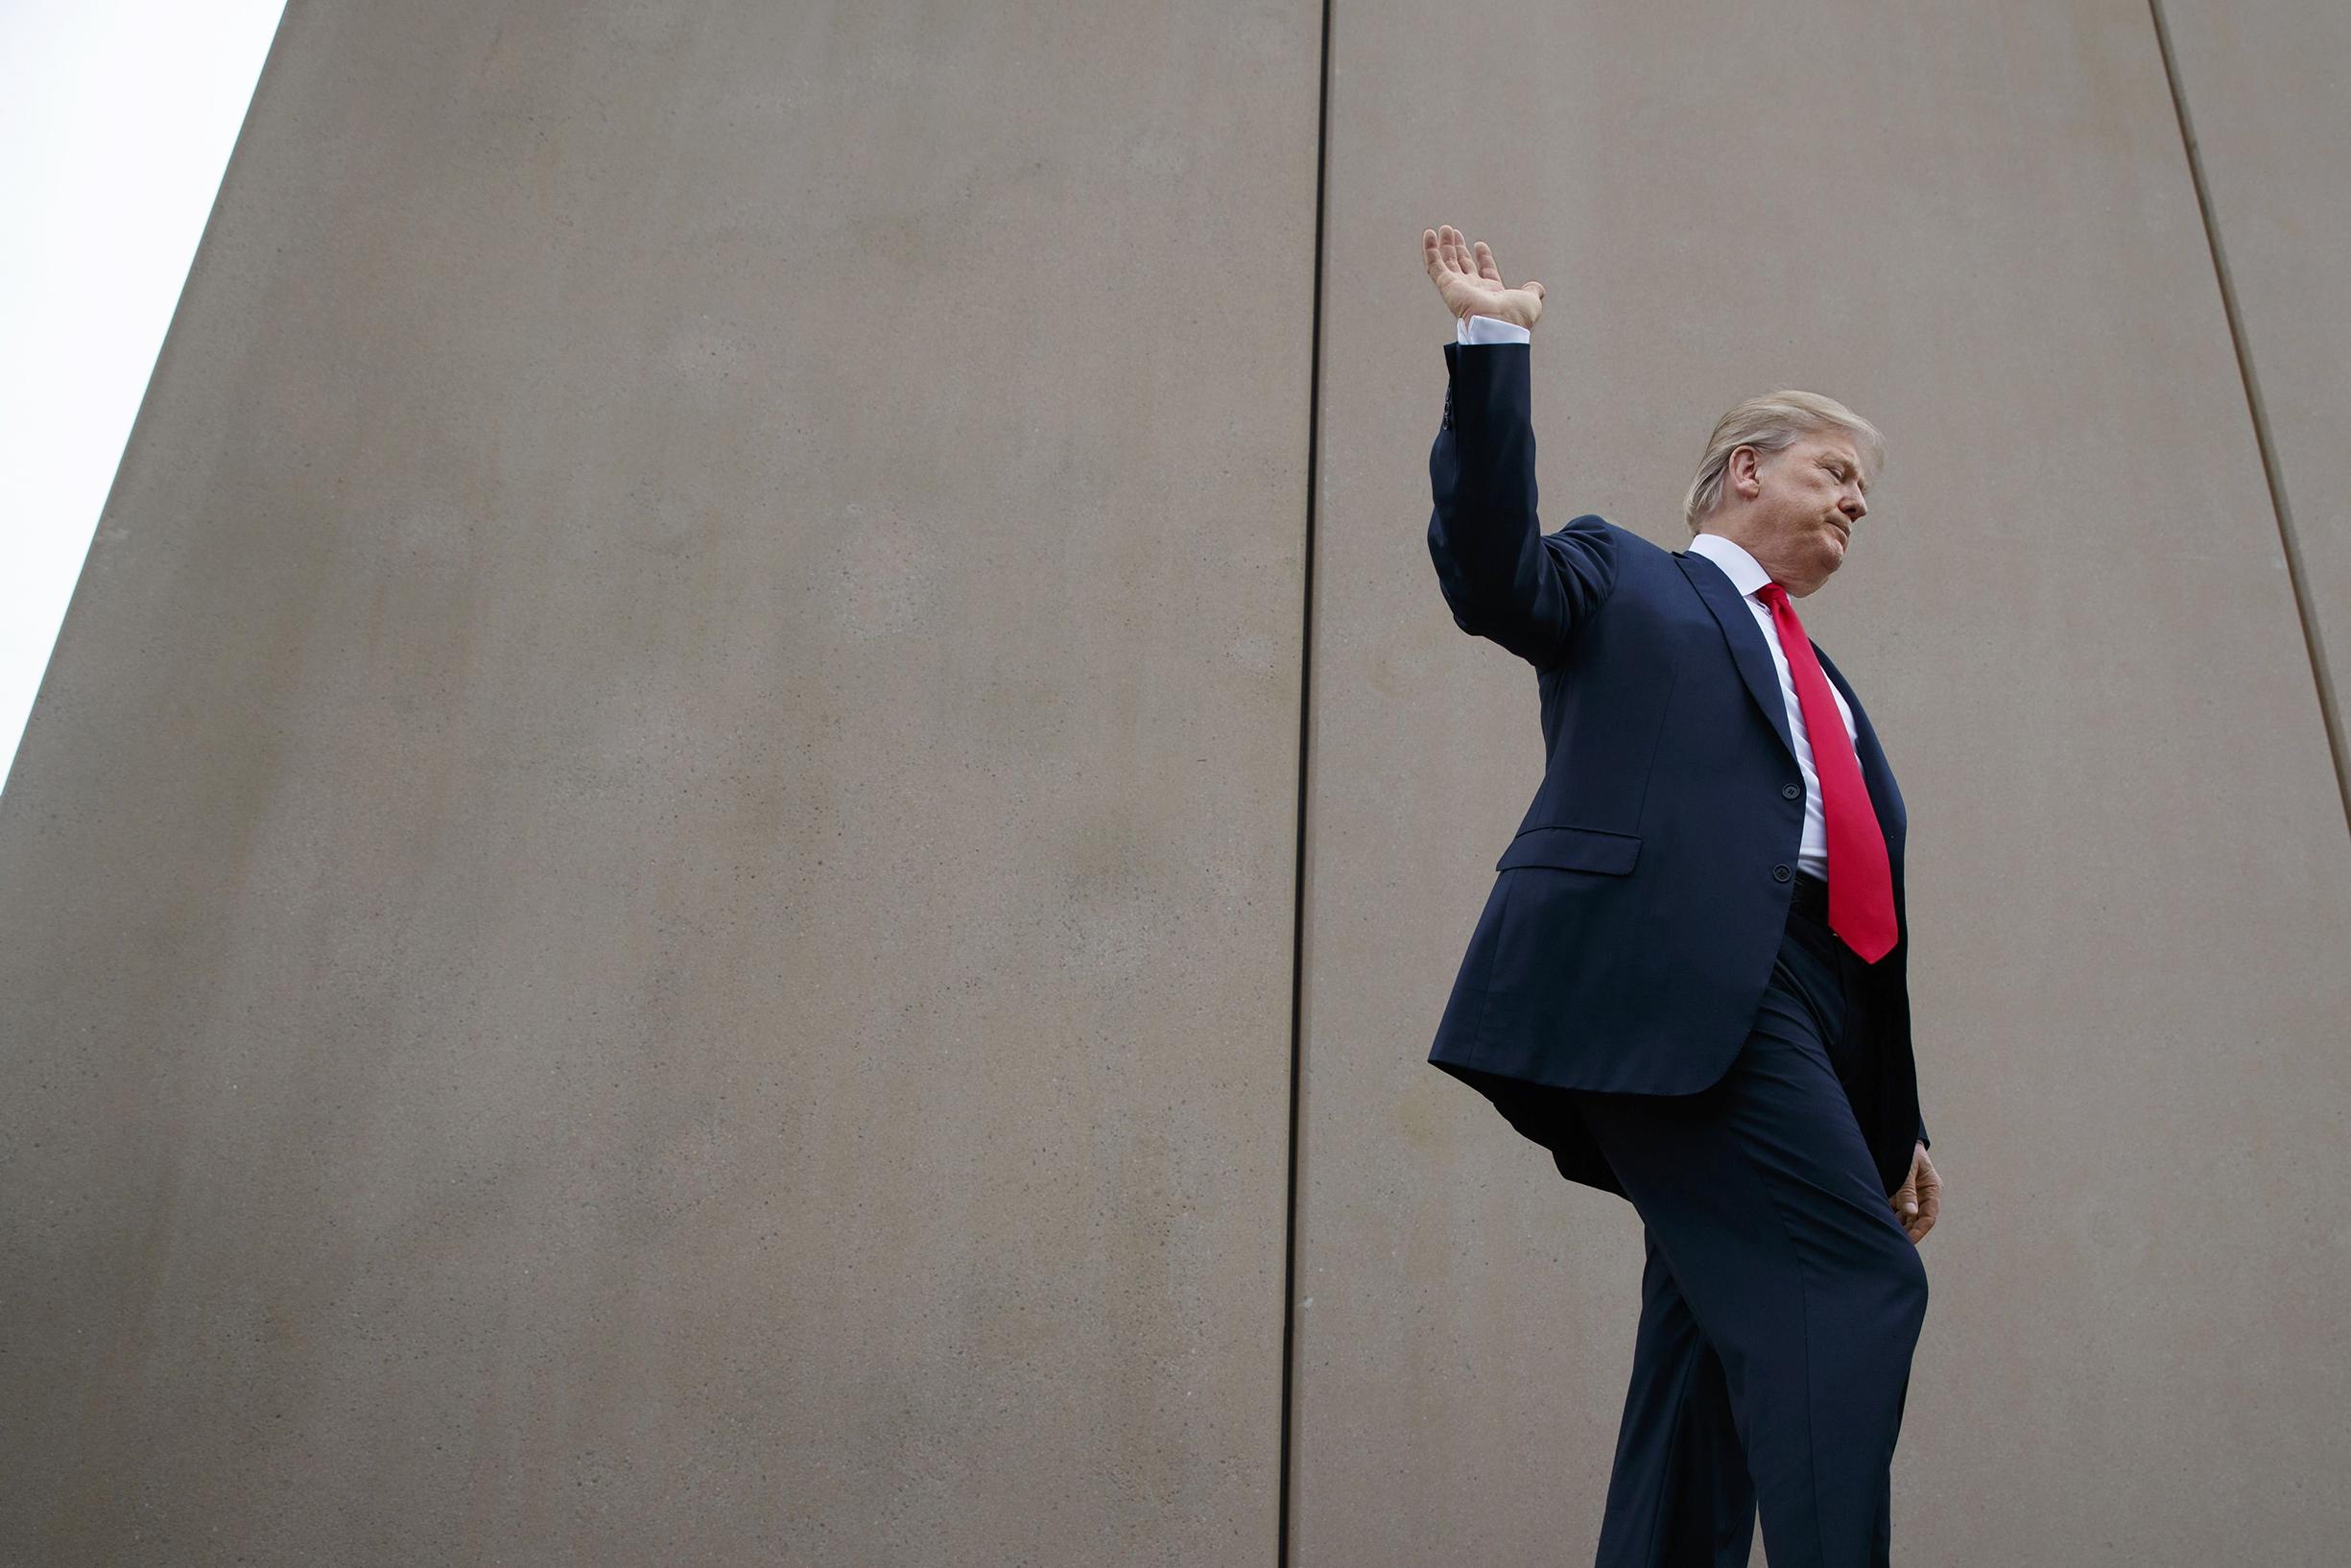 President Trump has the White House on edge as aides wonder who's next to go